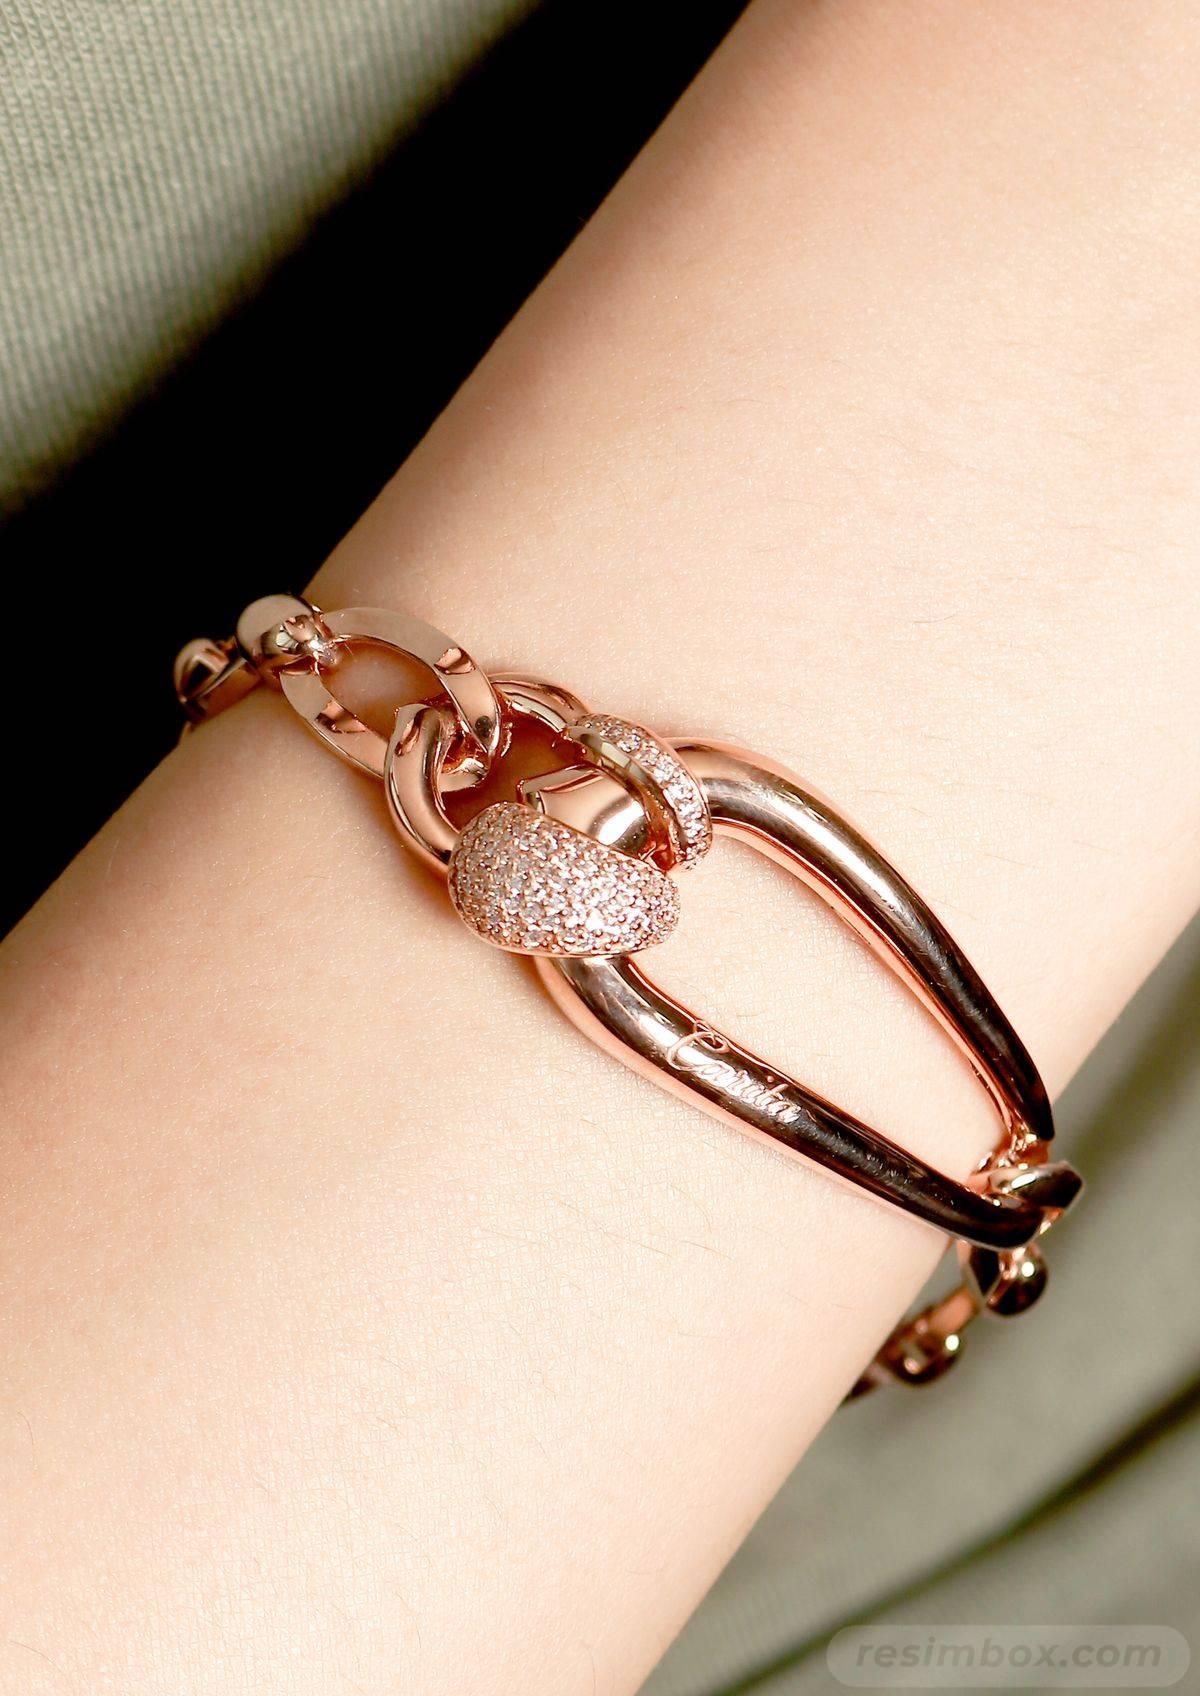 Bangle bracelets-427771664604861585